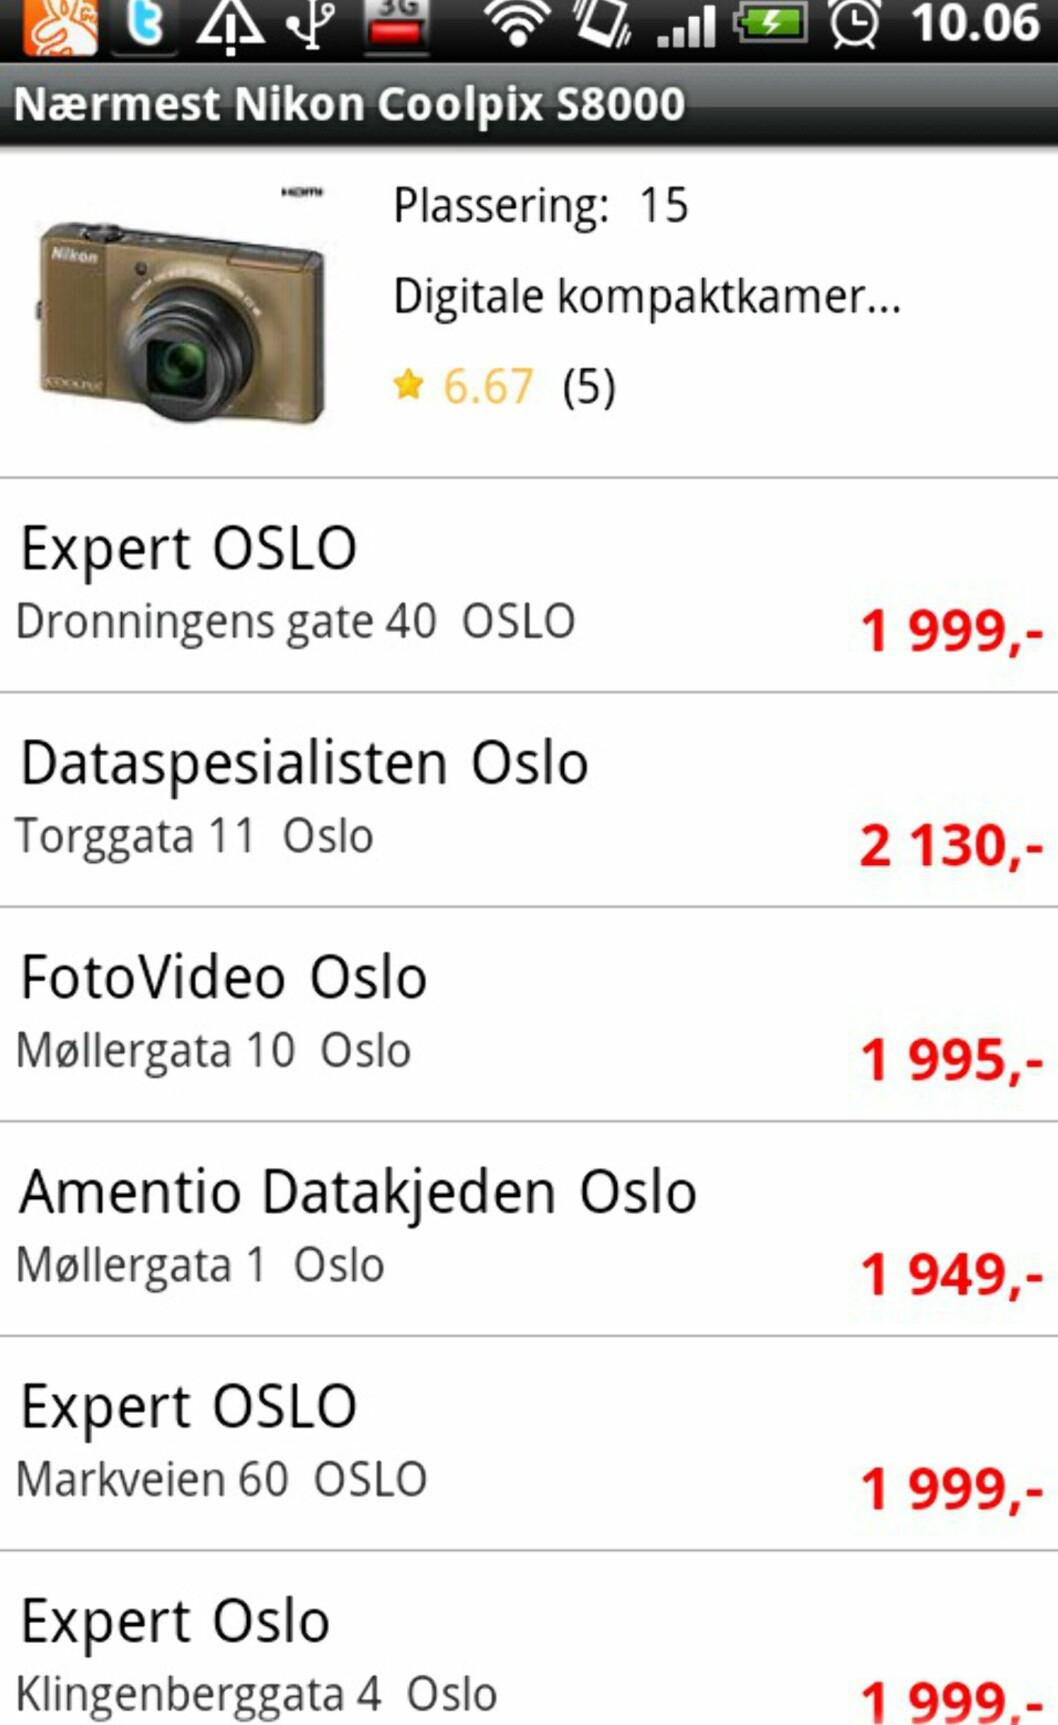 Her er prisene hos butikkene som ligger i nærheten av der vi befinner oss.